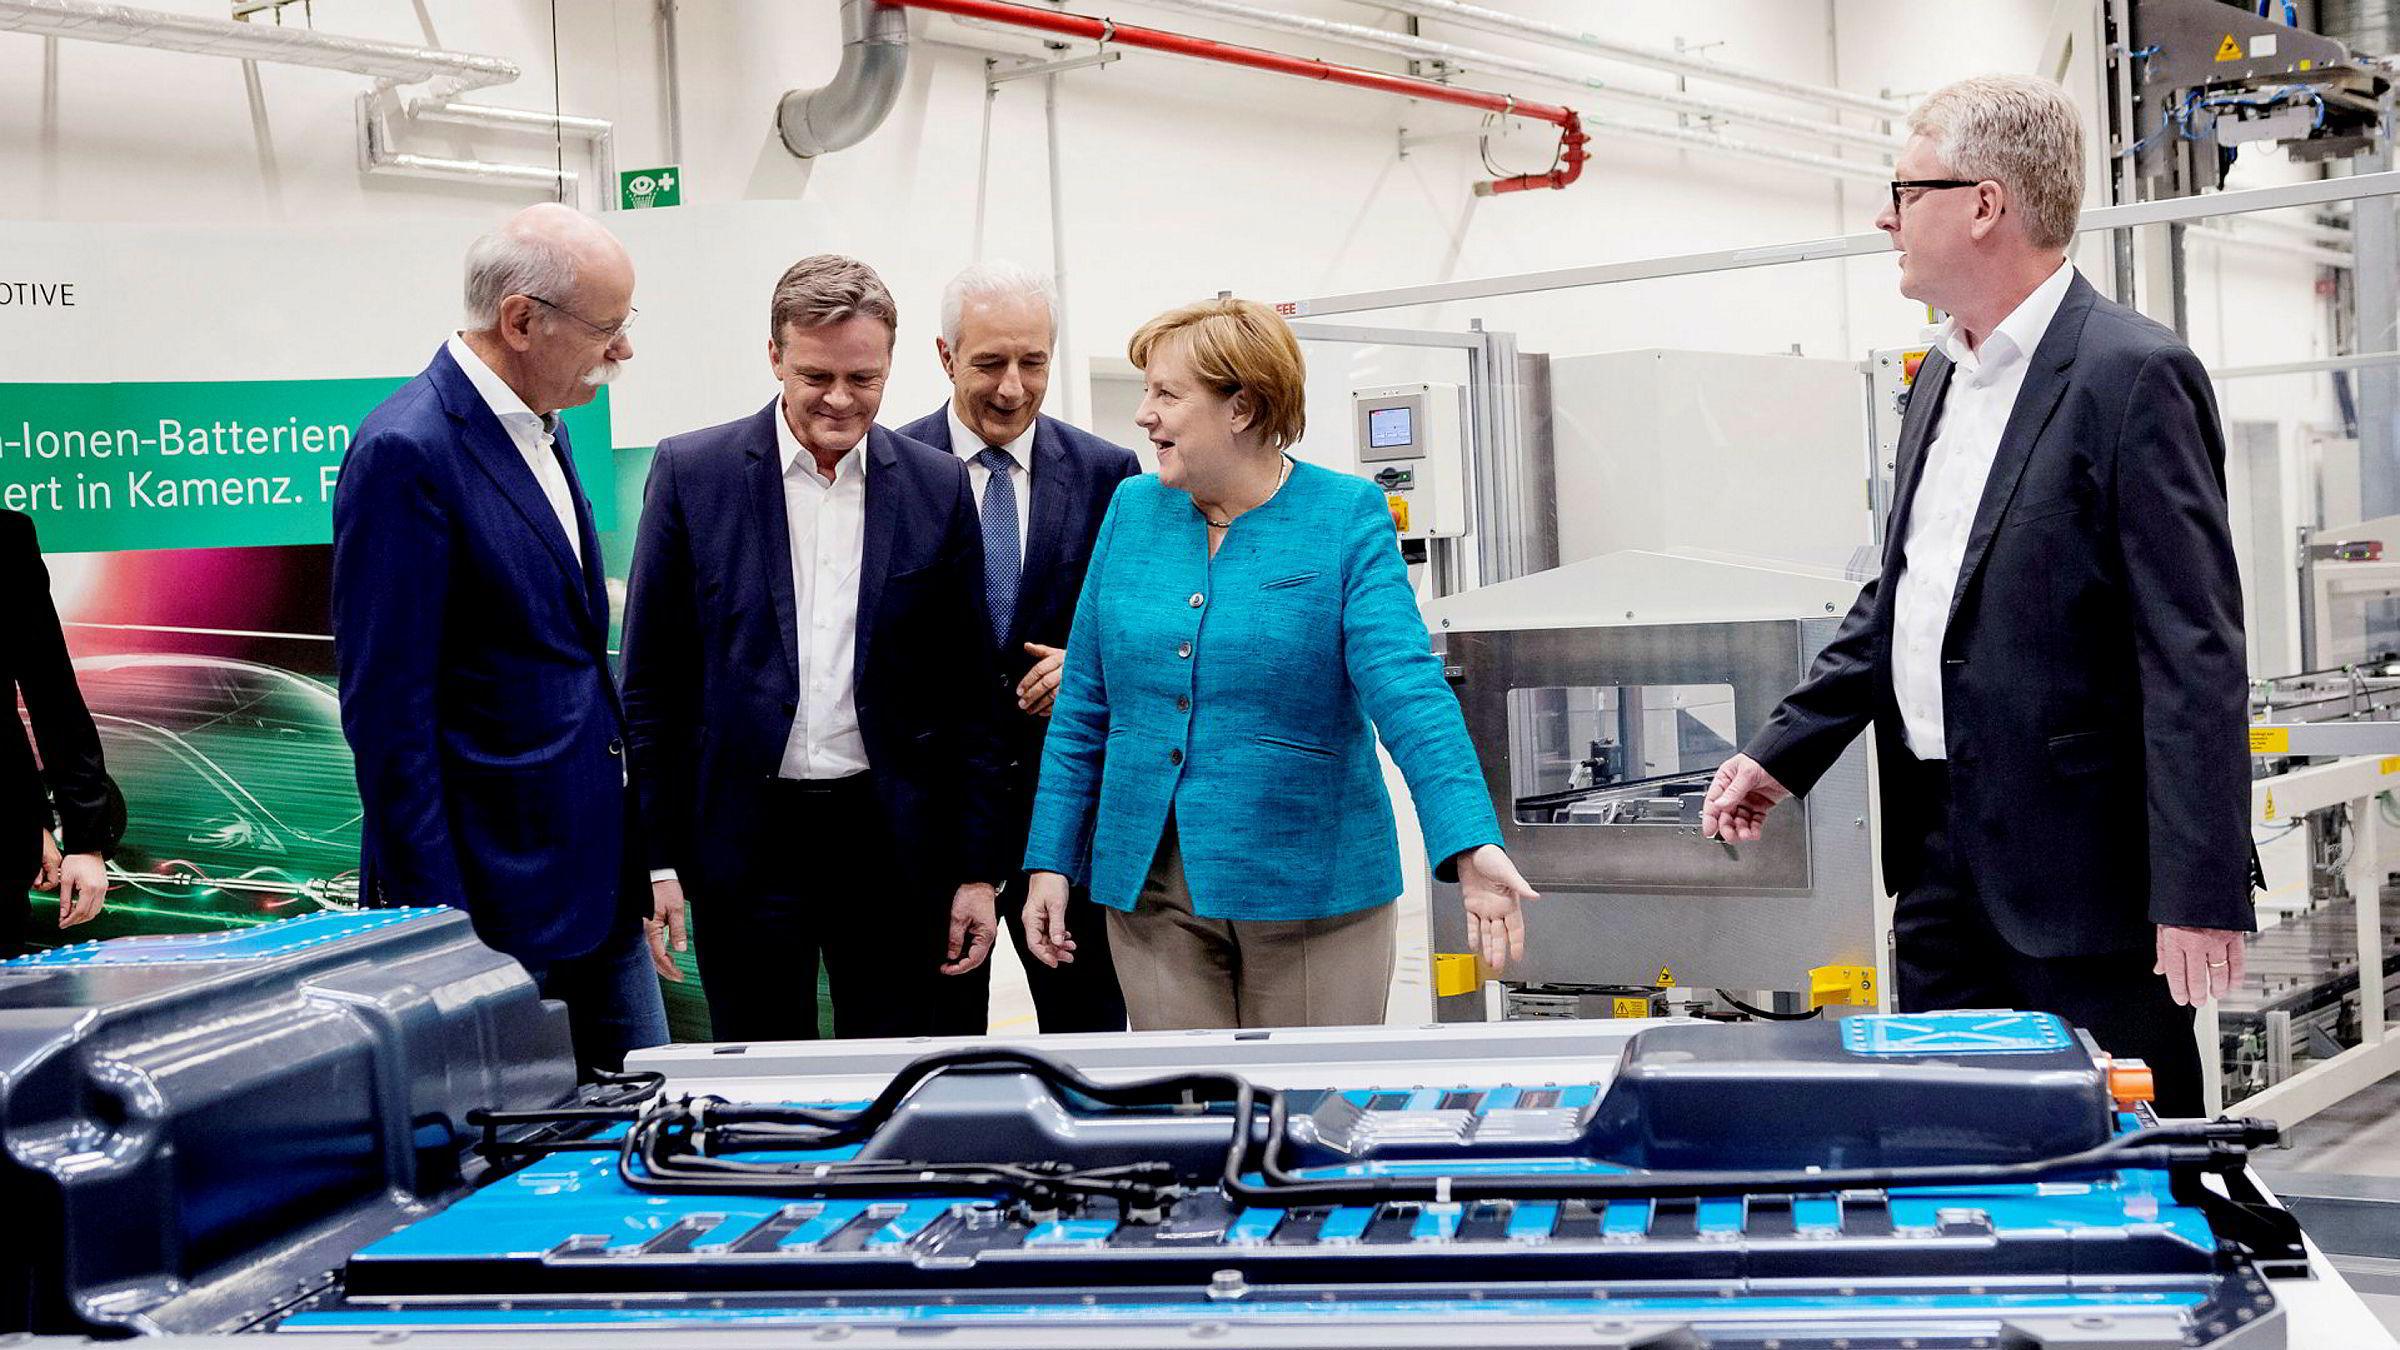 Angela Merkel besøkte fabrikken til Accumotive, et underbruk av bilgiganten Daimler AG, øst i Tyskland mandag denne uken. Her ble oppstarten av arbeidet med en ny batterifabrikk markert. Fra venstre Dieter Zetsche i Daimler, Markus Schaefer i Mercedes-Benz, Stanislaw Tillich i Mercedes-Benz, Angela Merkel og Frank Blome i Accumotive.